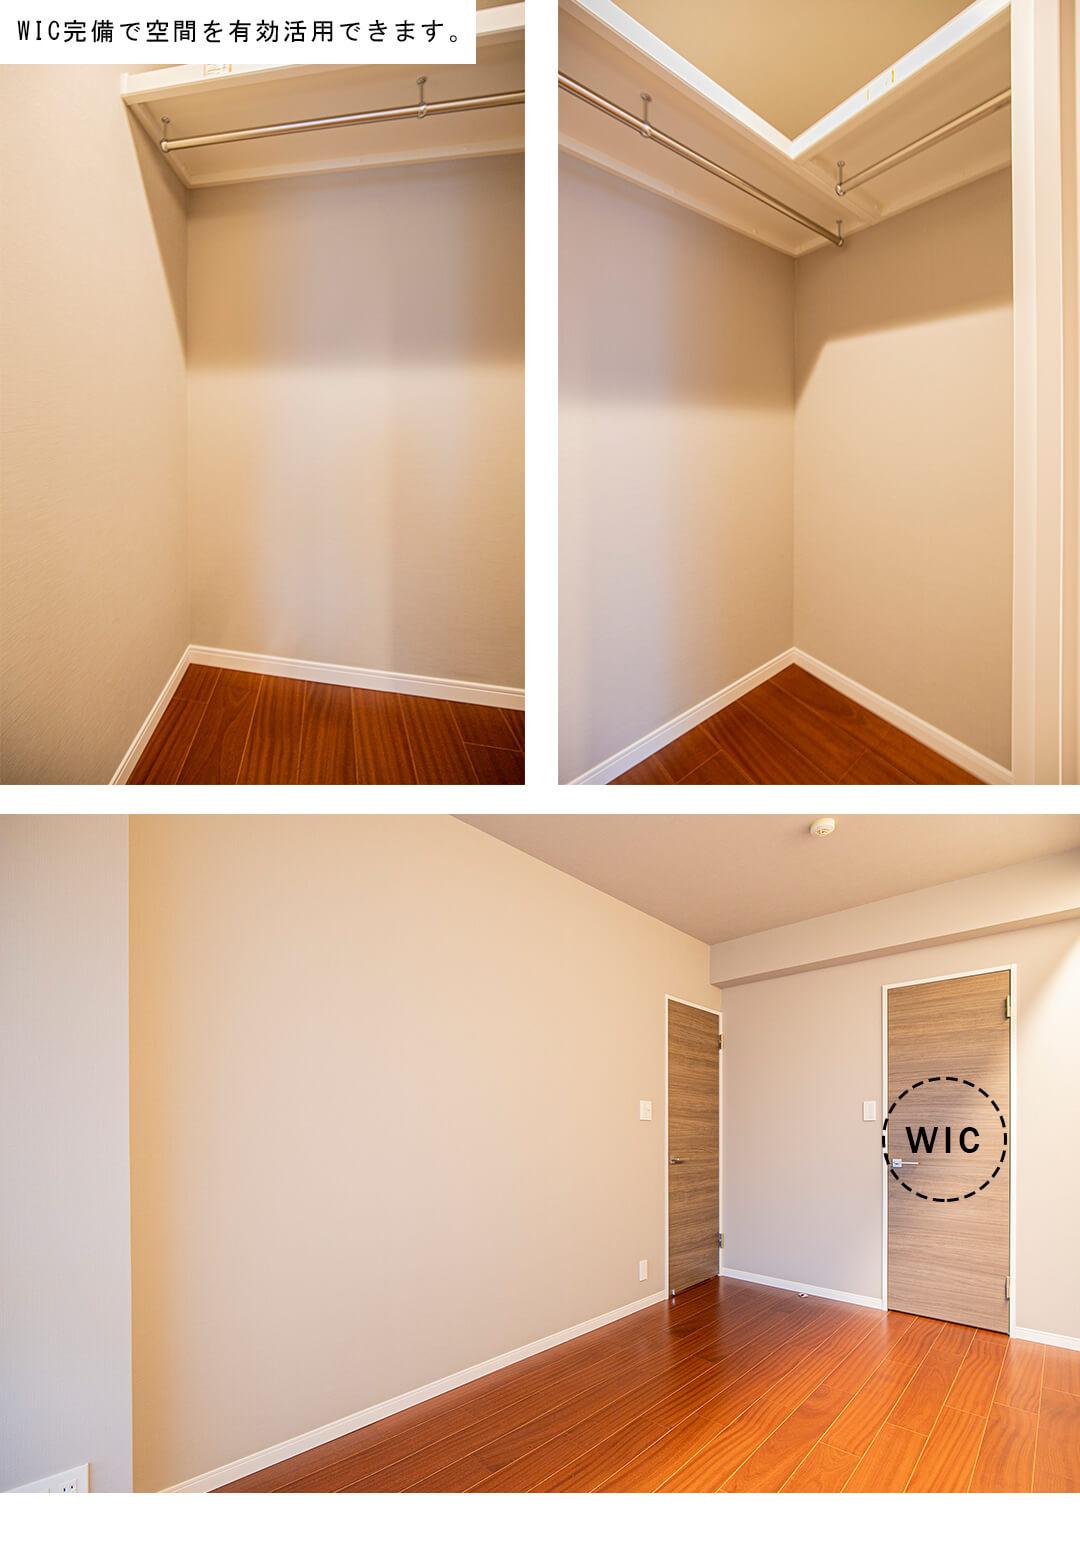 ヴィーナ・パルテールの洋室